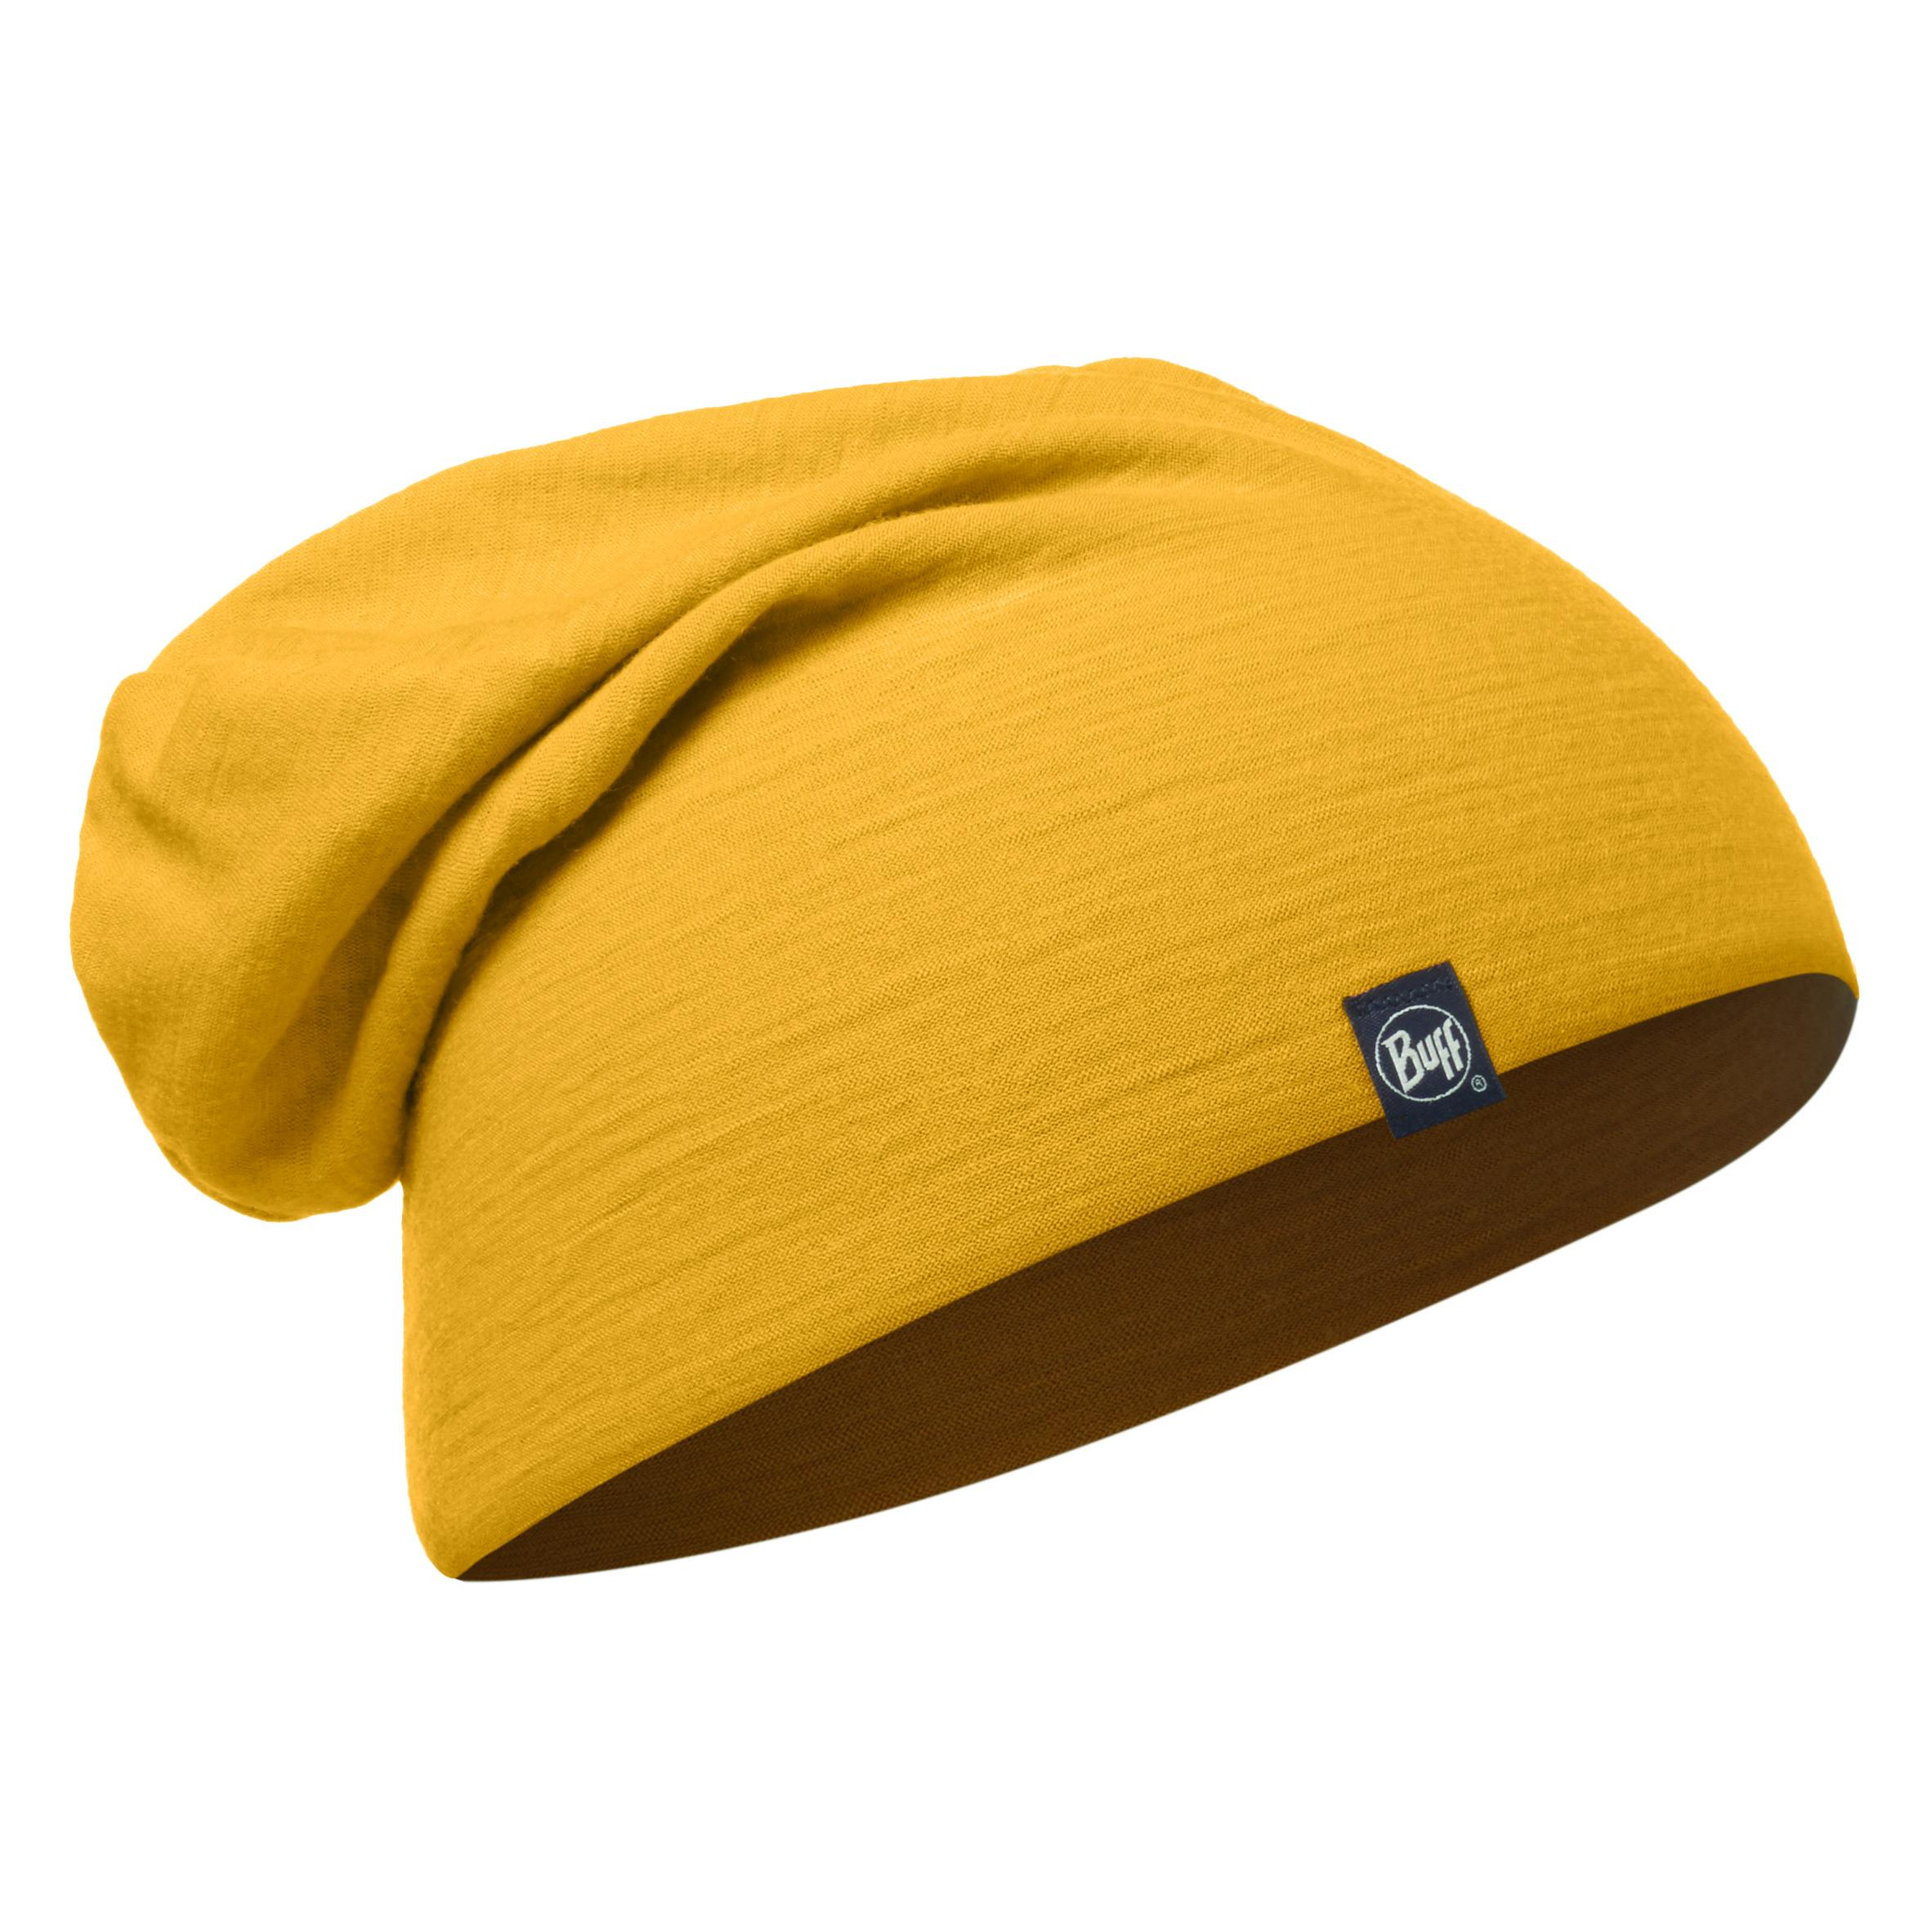 Купить Шапка BUFF WOOL SOLID MUSTARD Банданы и шарфы Buff ® 1312909